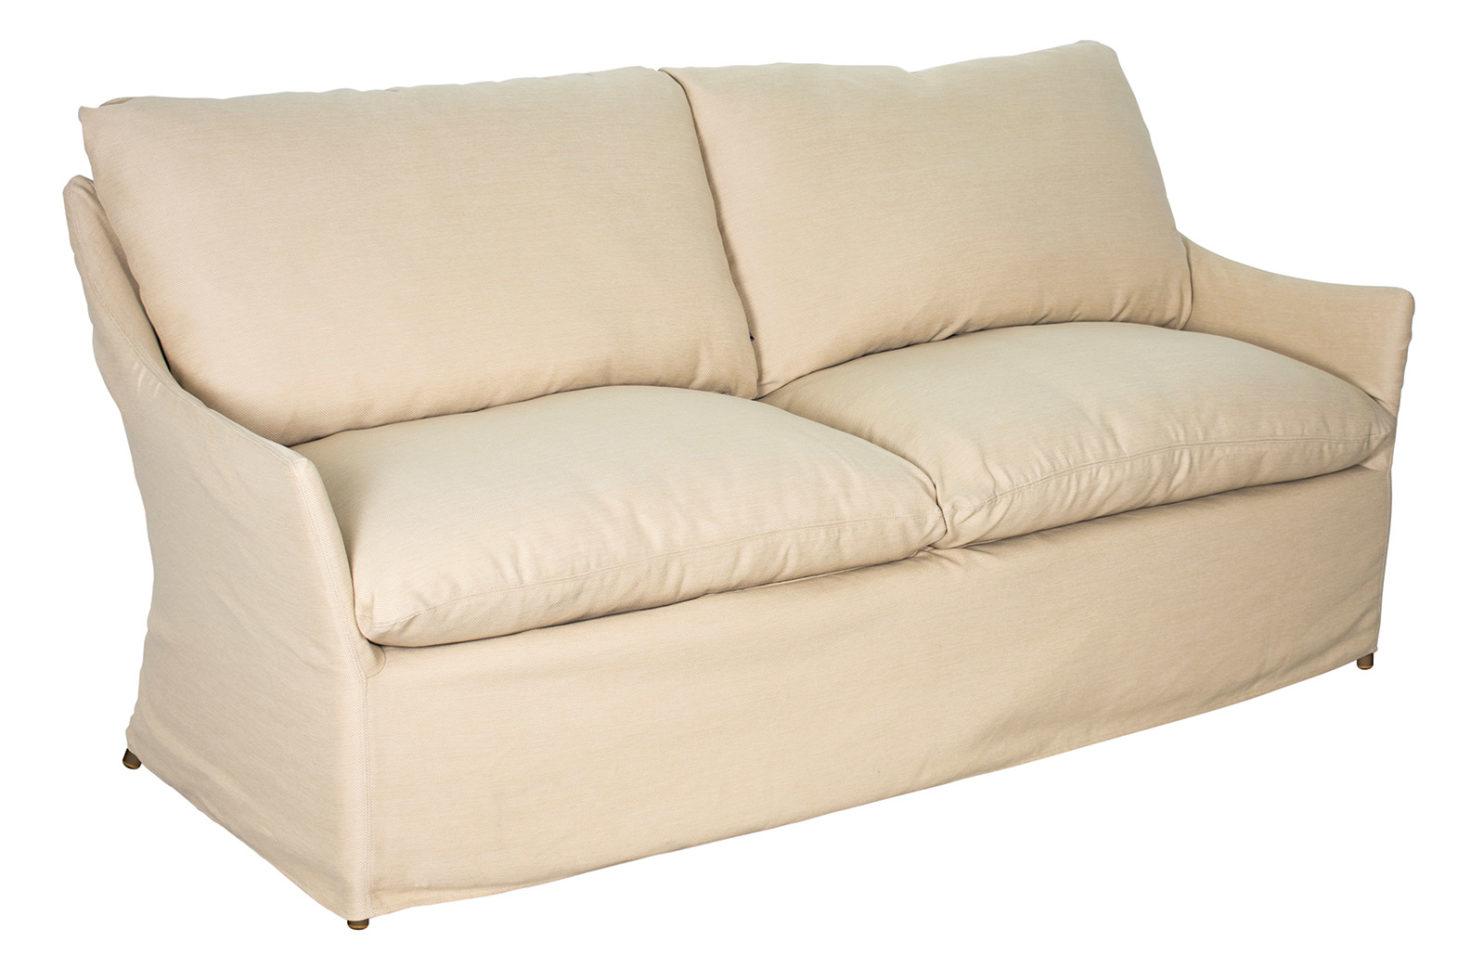 capri sofa 620FT094FC PW 1 3Q